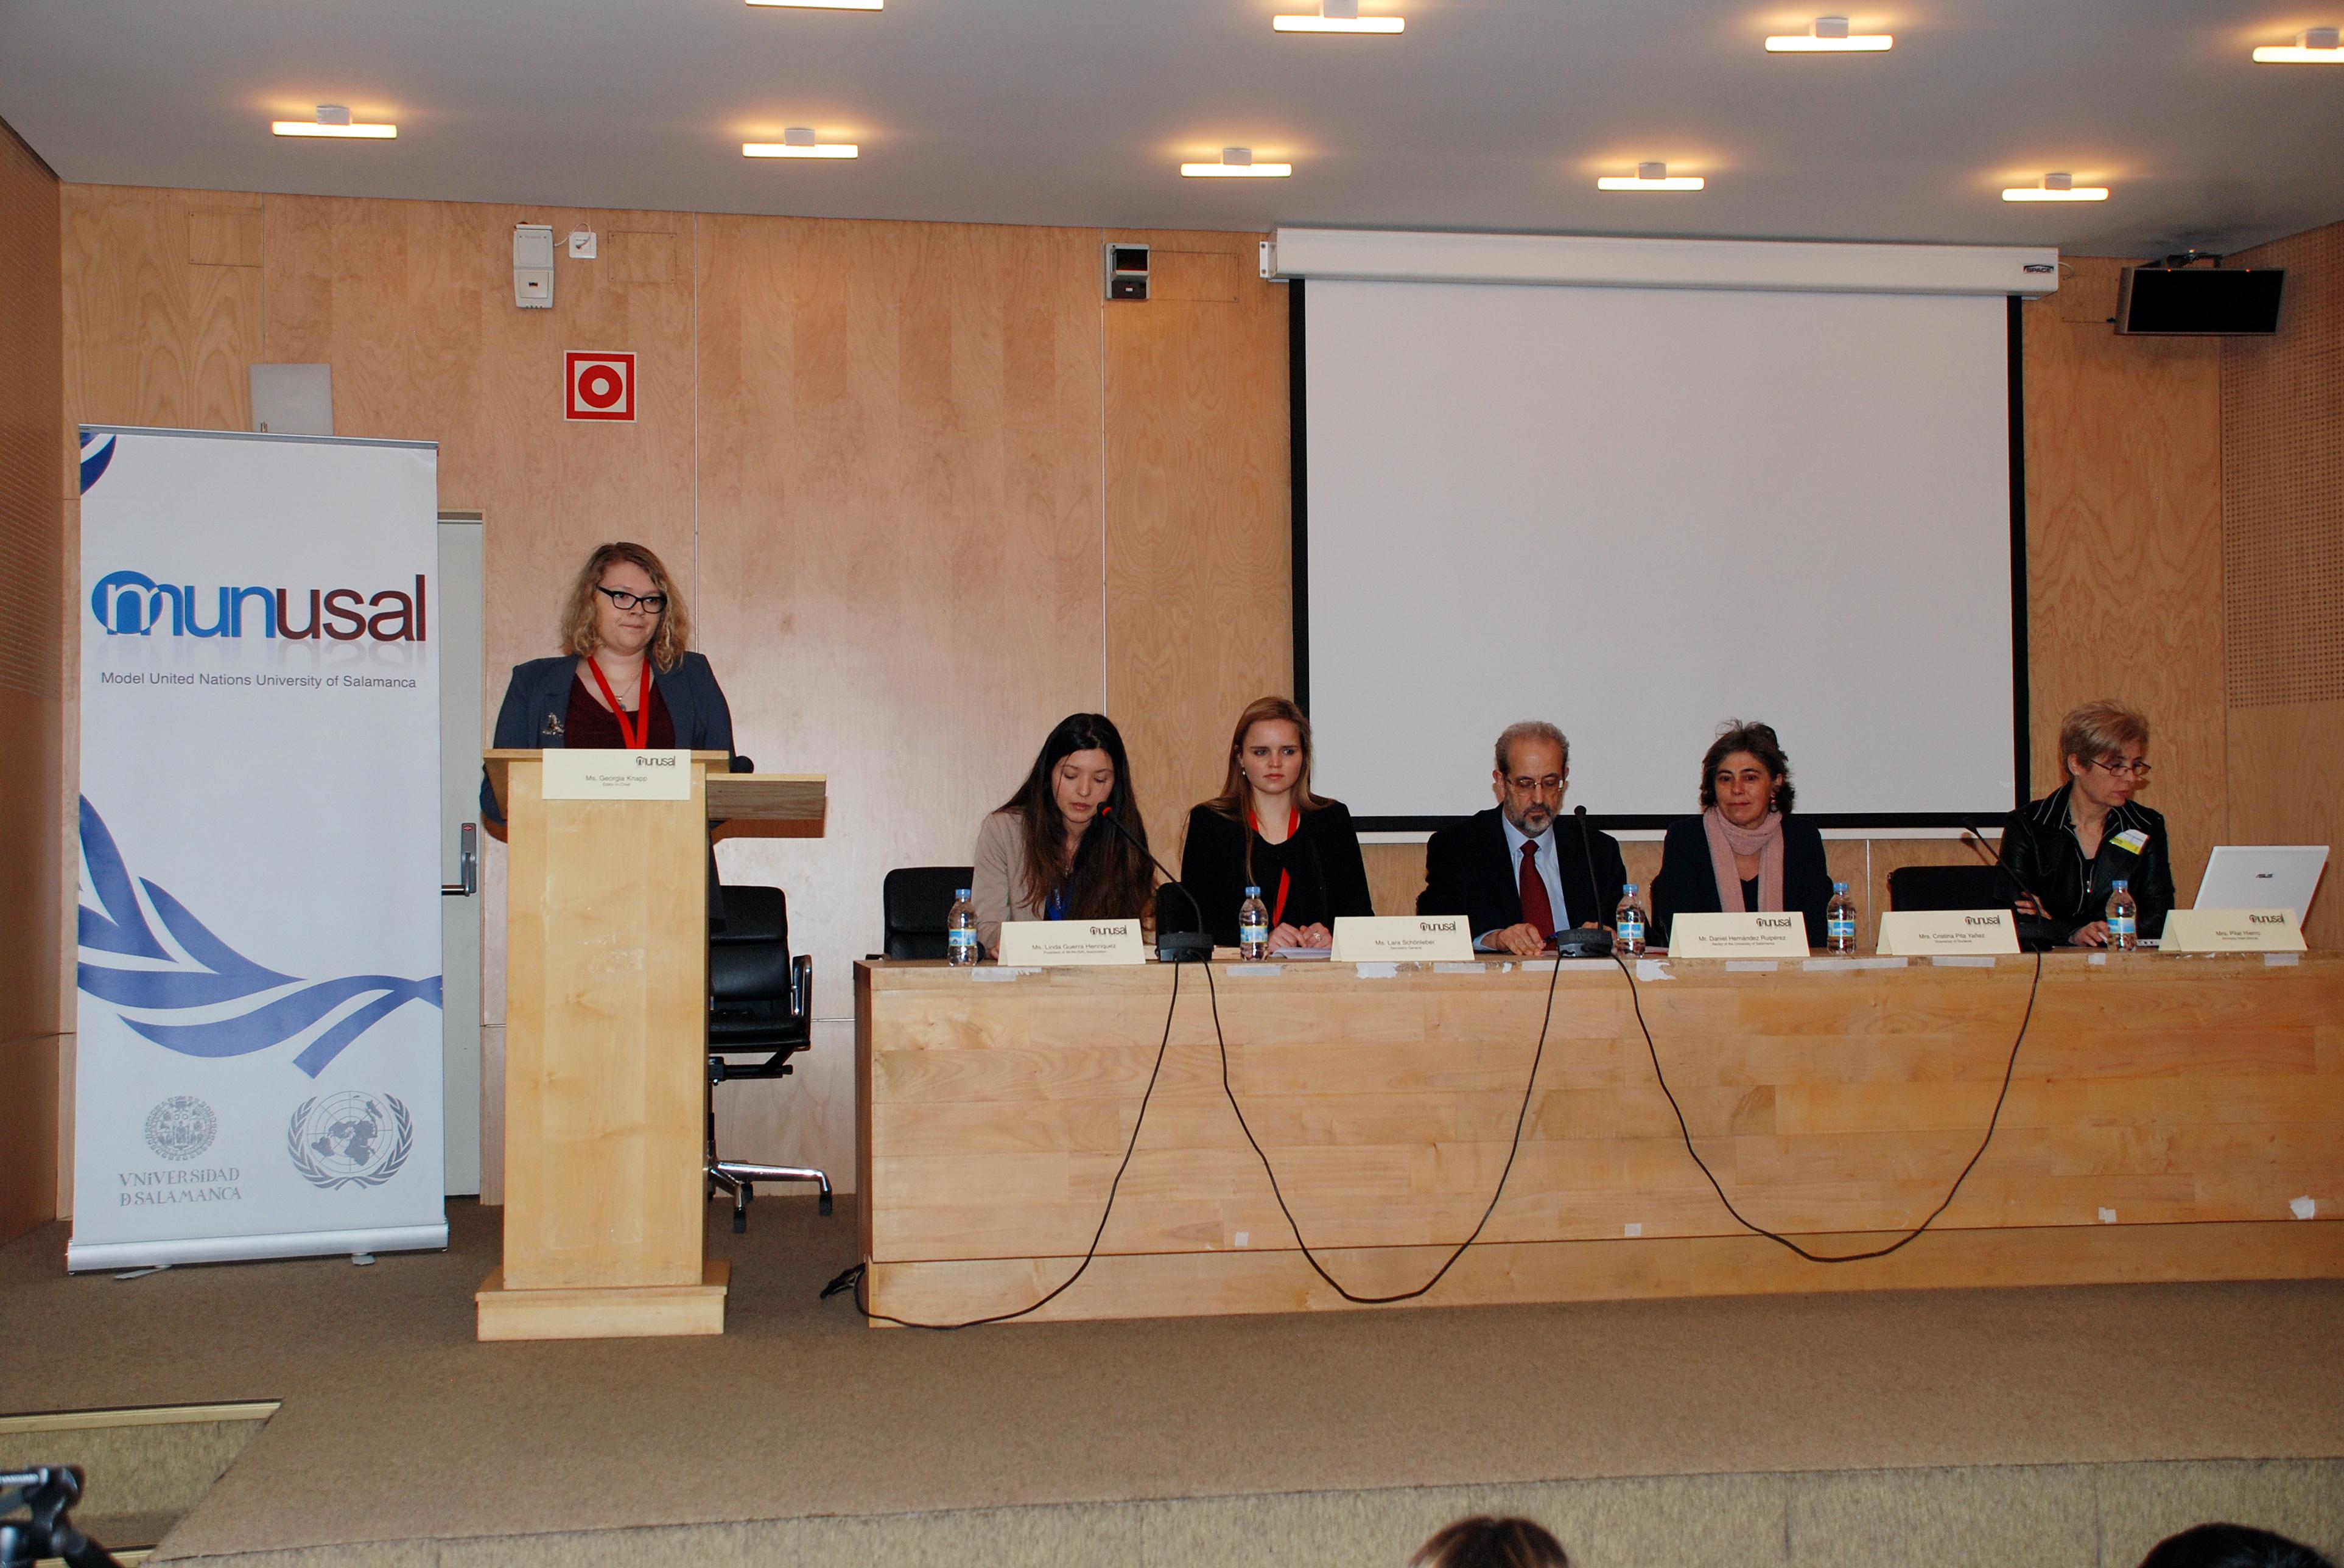 El rector Daniel Hernández Ruipérez preside el acto de inauguración de la VII Edición del Congreso Internacional MUNUSAL